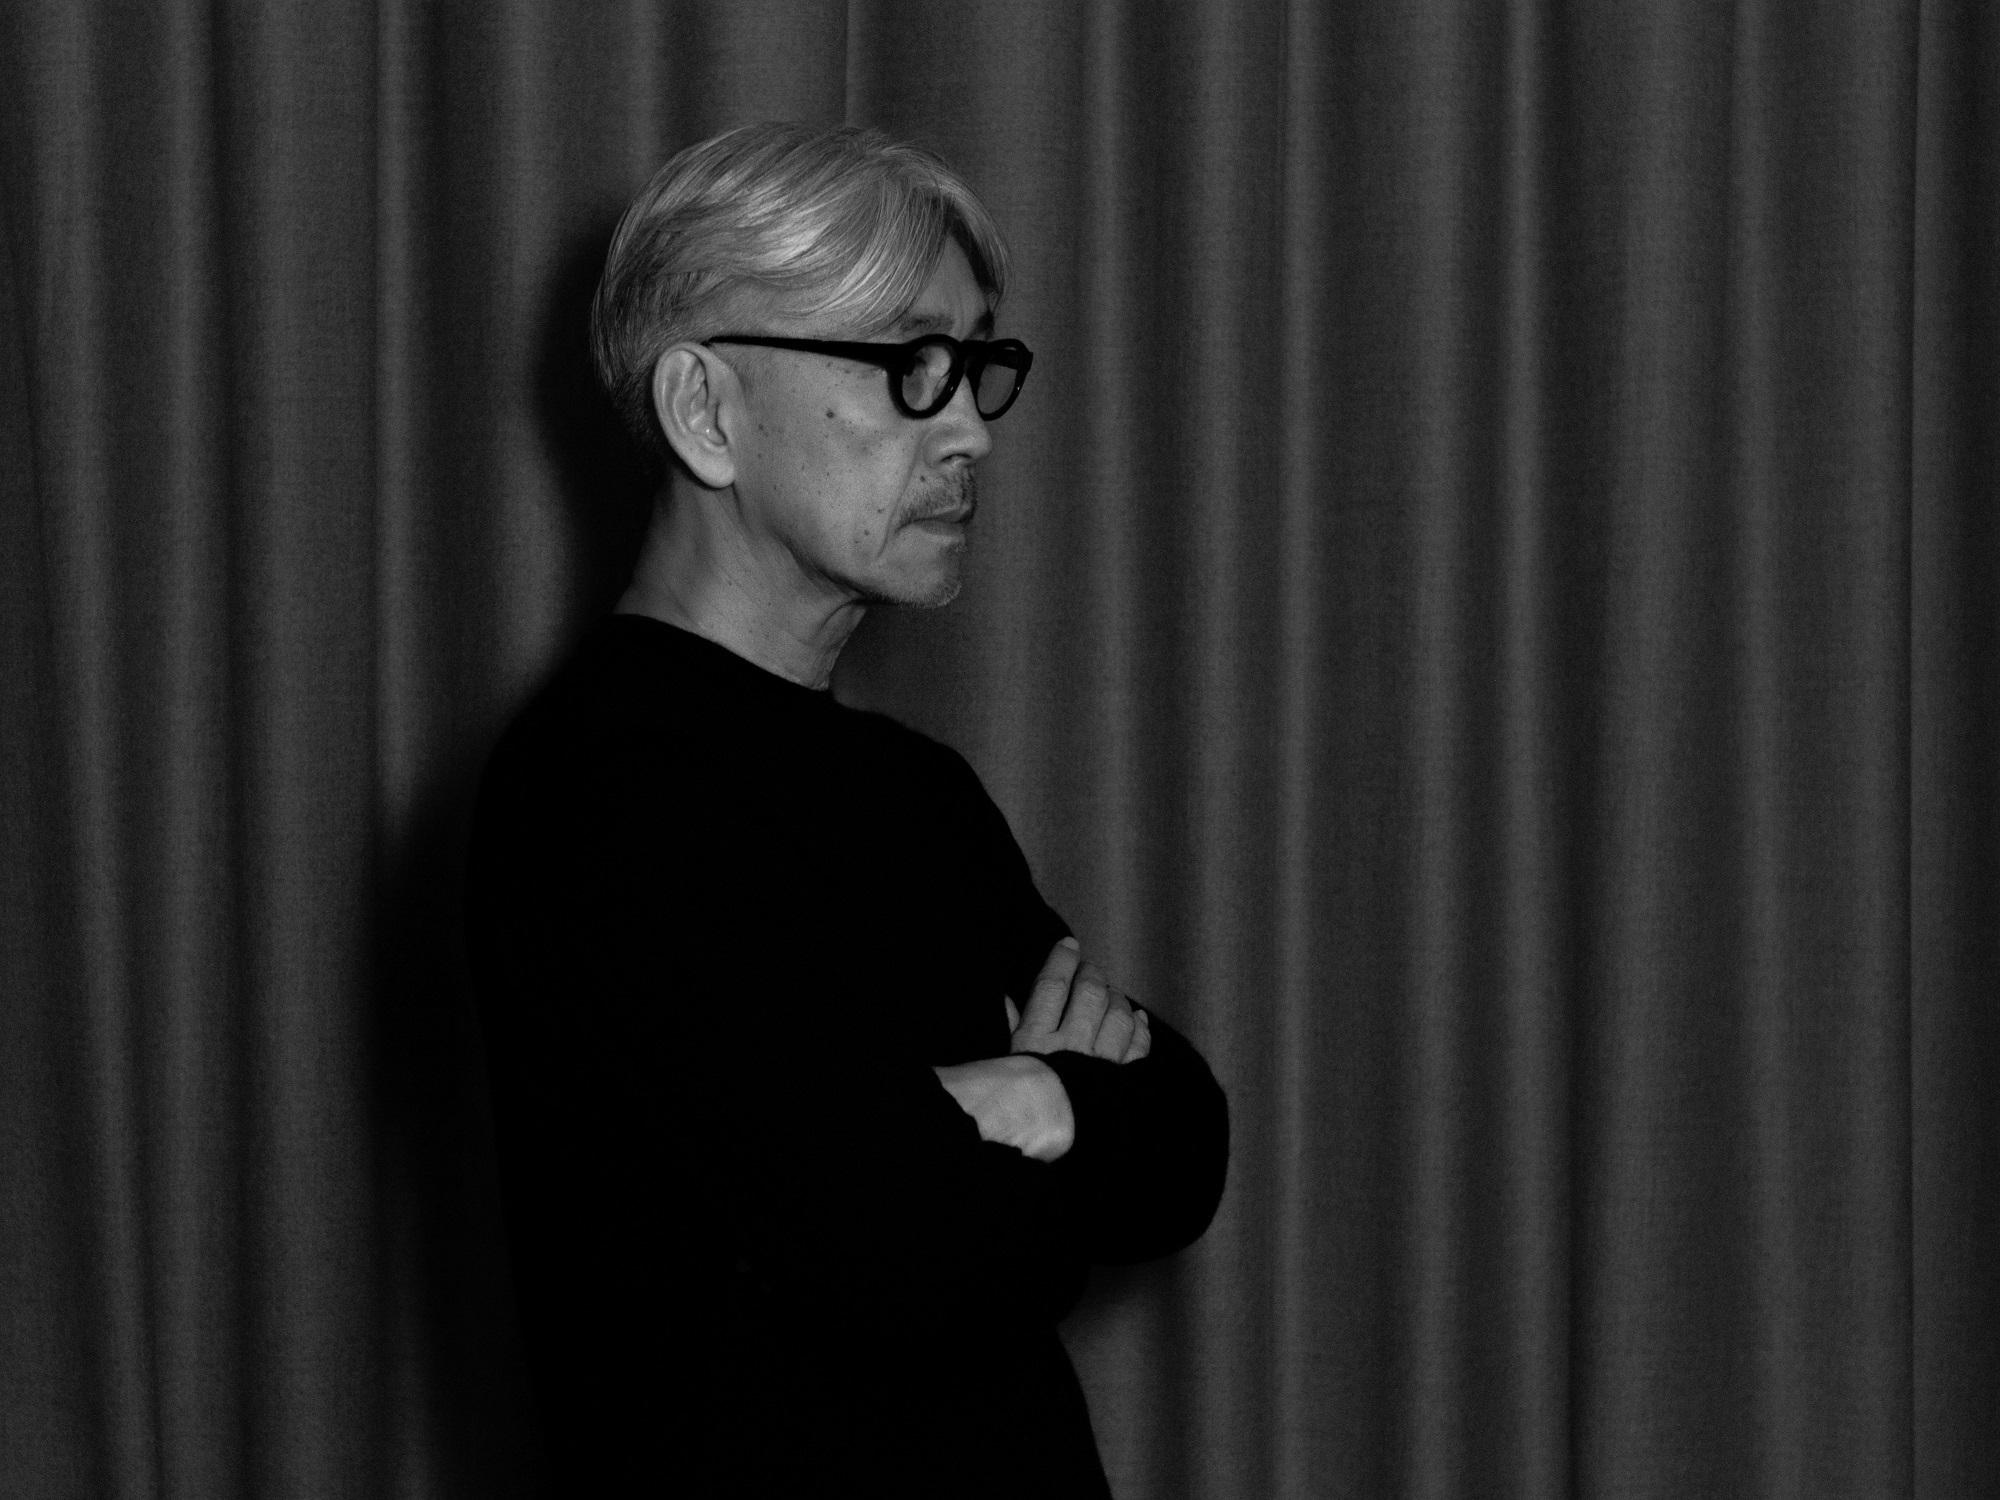 坂本龍一 Photo by zakkubalan (C)2017 Kab Inc.